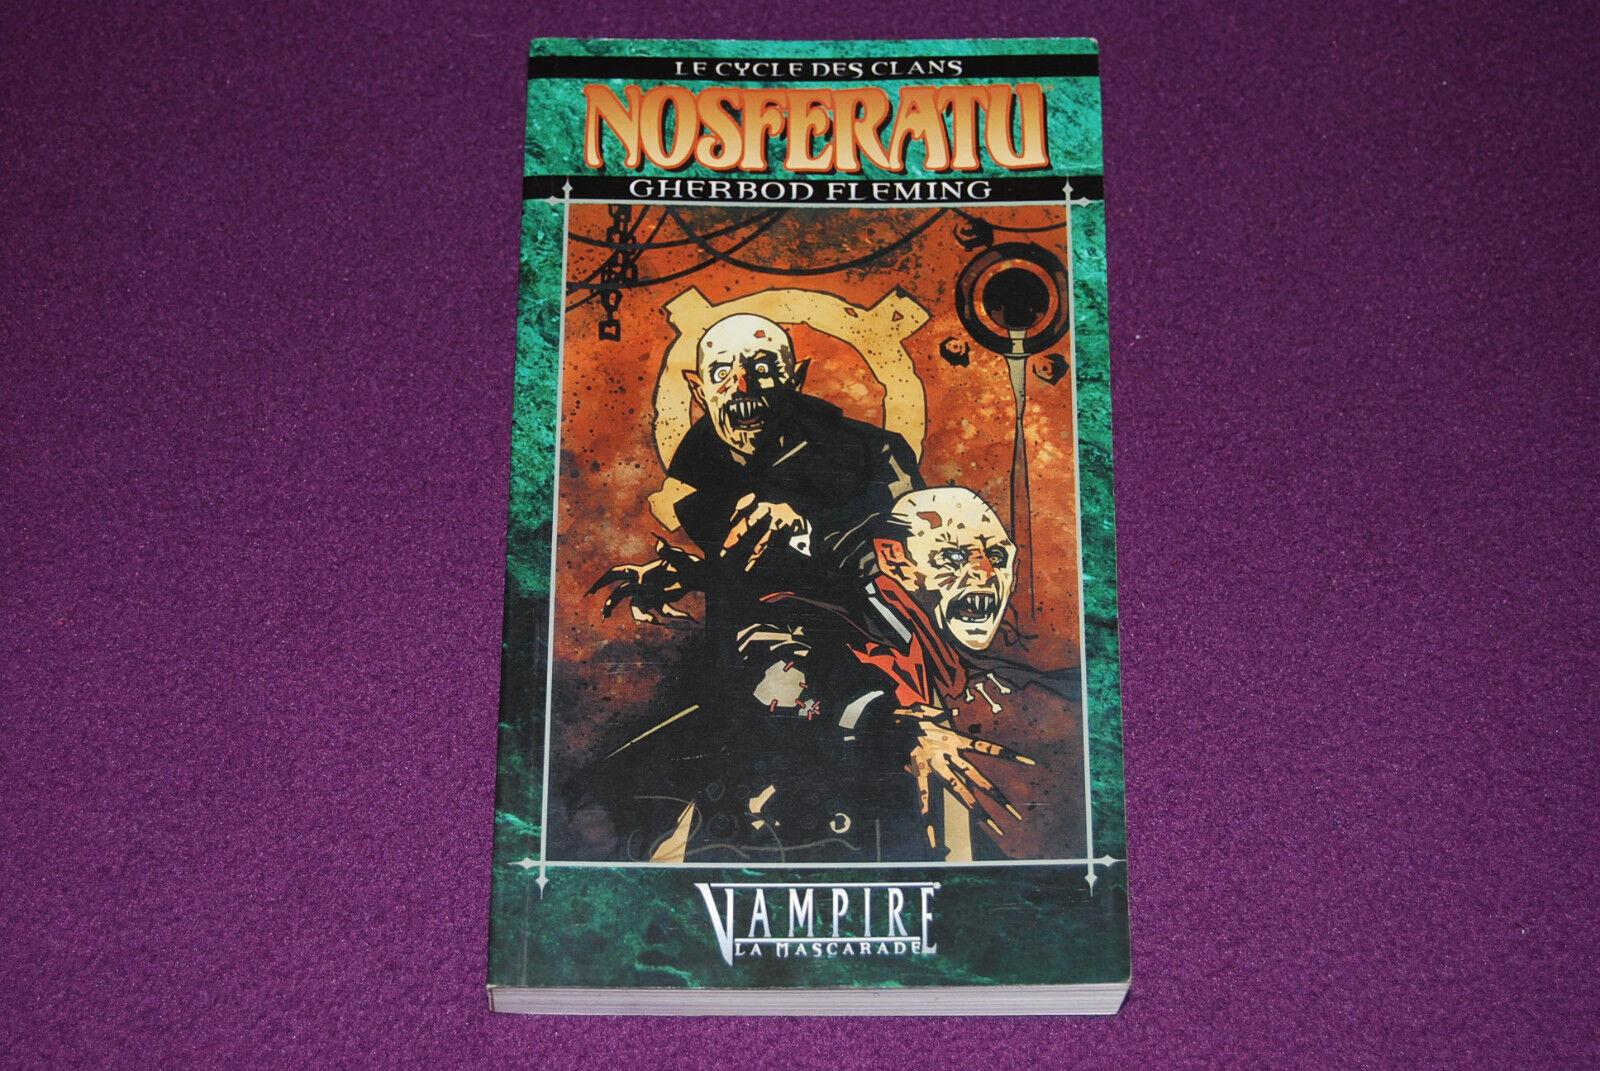 VAMPIRE LA MASCARADE Roman - Gherbod Fleming - Cycle des Clans 13   Nosferatu